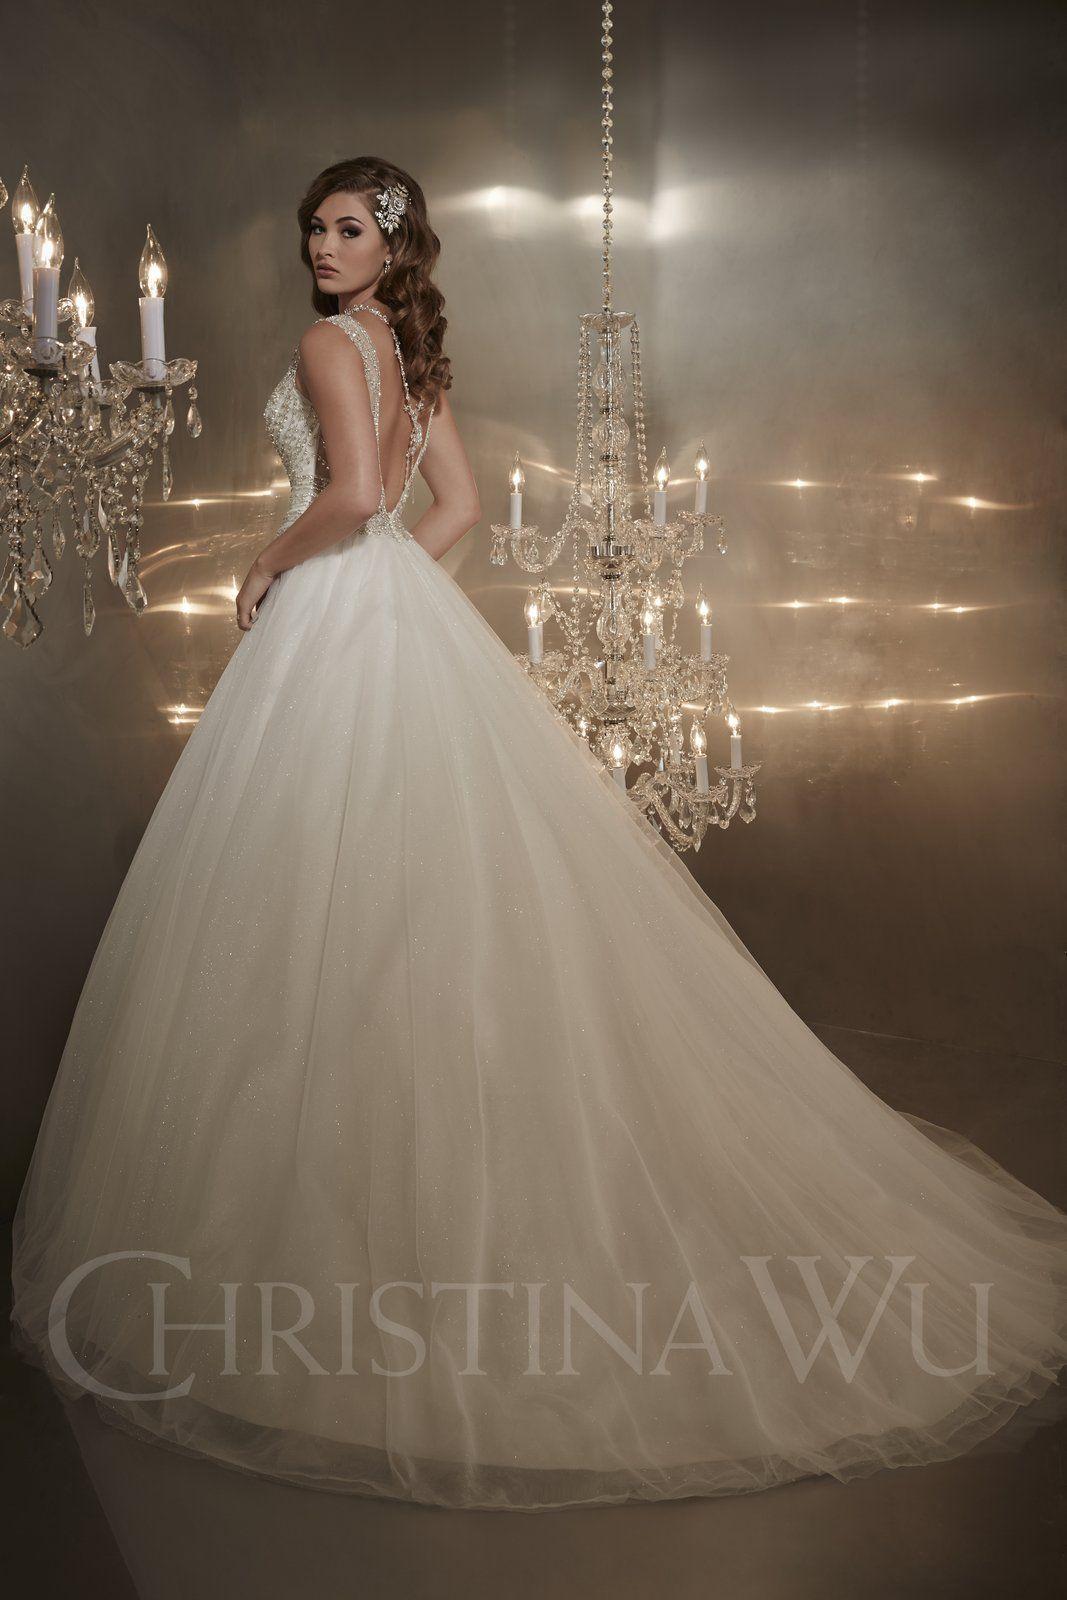 Vestido de Noiva Christina Wu 15561 | Moda Mundo